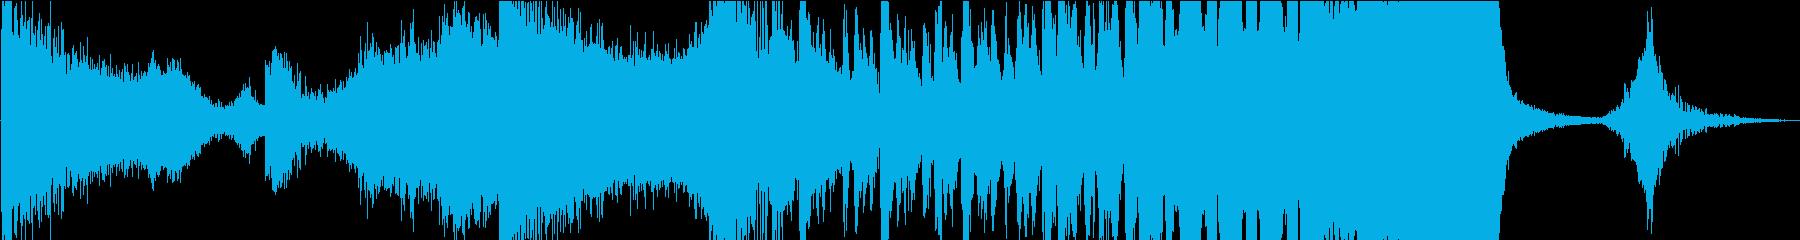 シネマトレーラー1TR_FULLの再生済みの波形